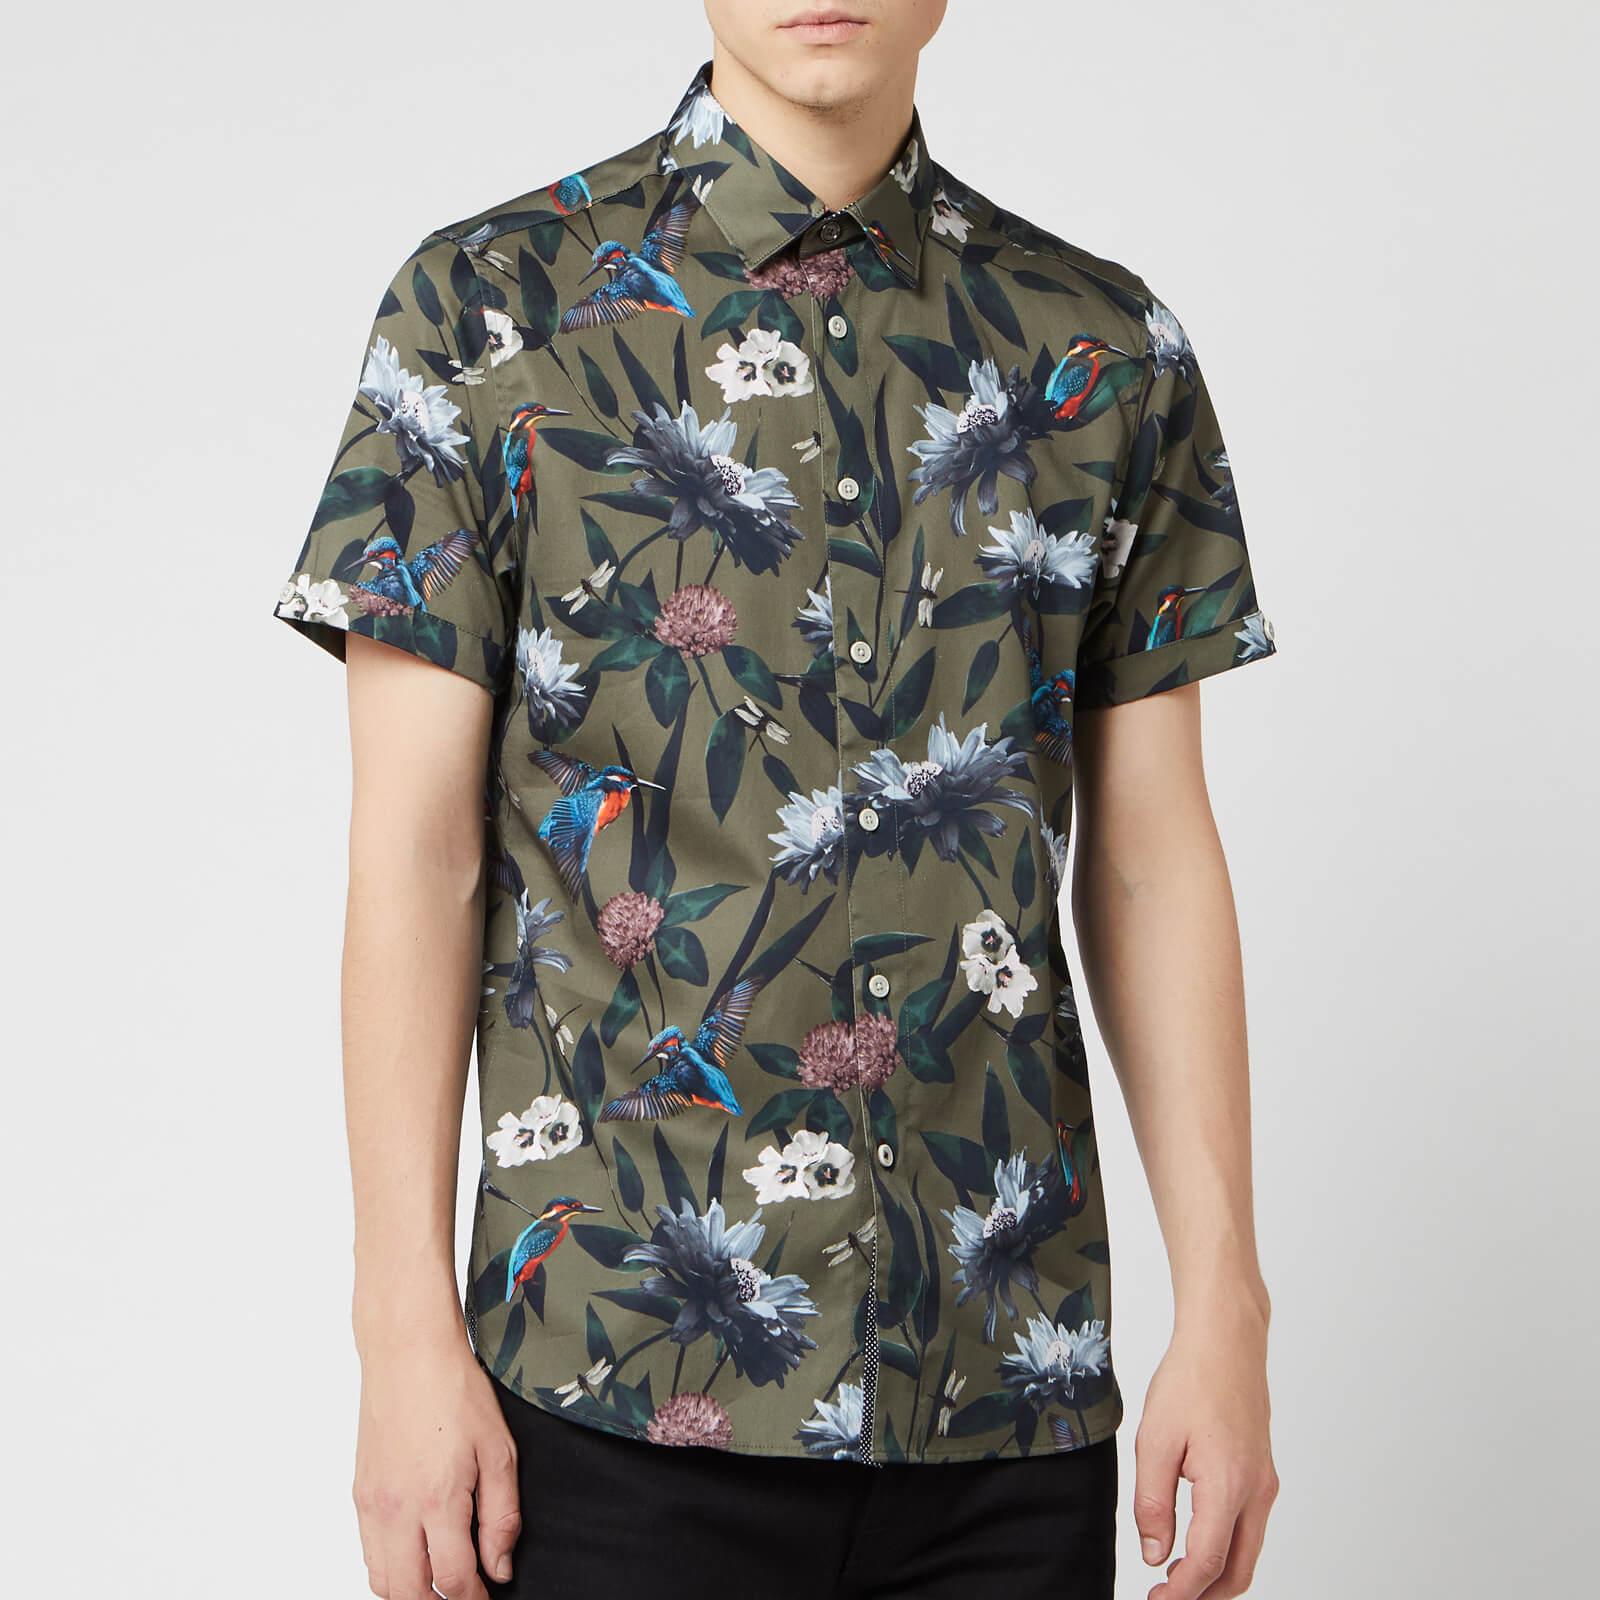 Ted Baker Men's Johnn Patterned Shirt - Khaki - L/4